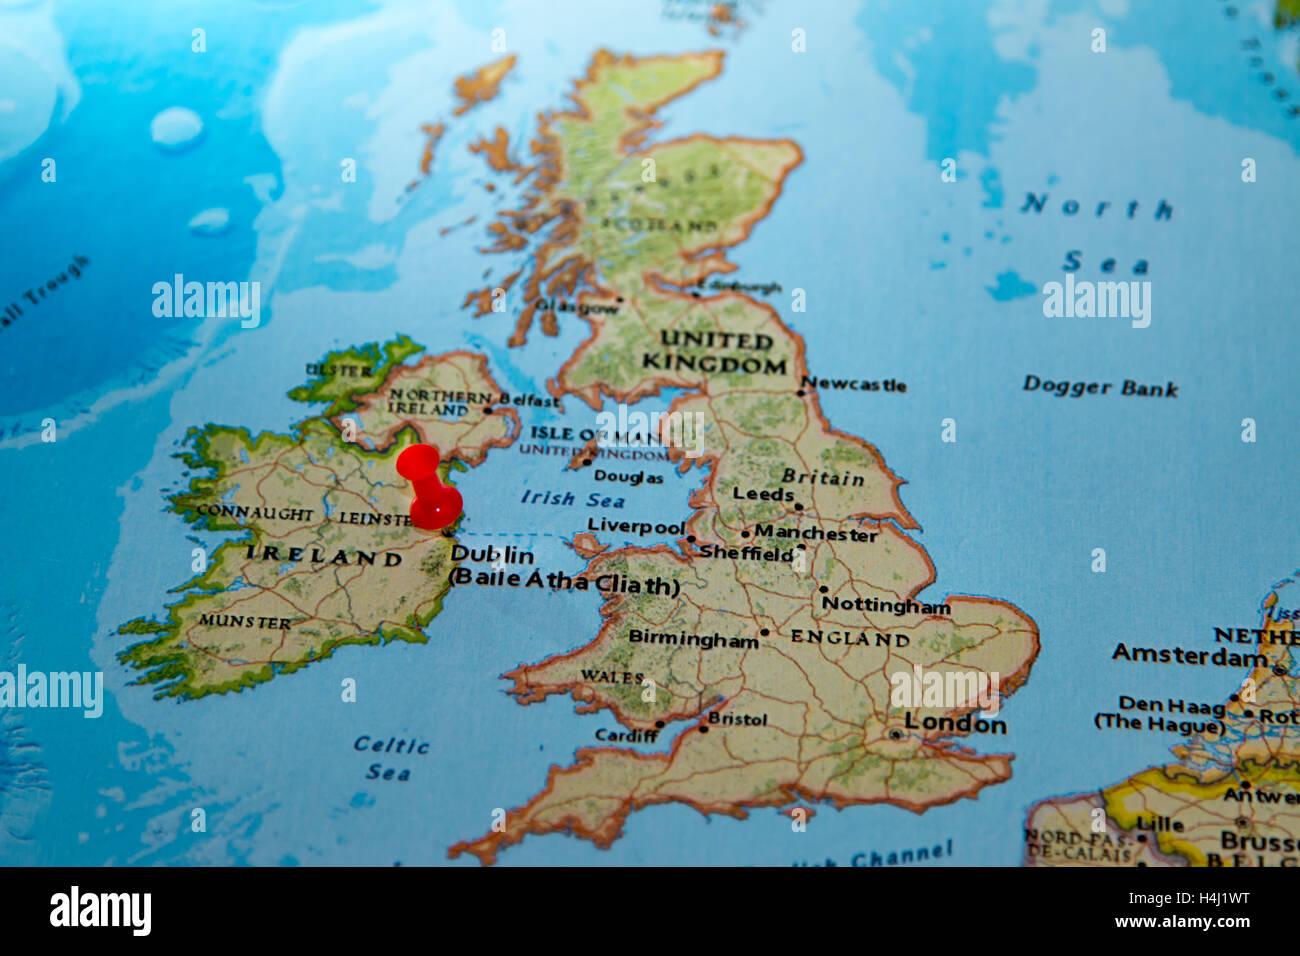 irlanda mapa europa Dublín, Irlanda anclado en un mapa de Europa Foto & Imagen De  irlanda mapa europa